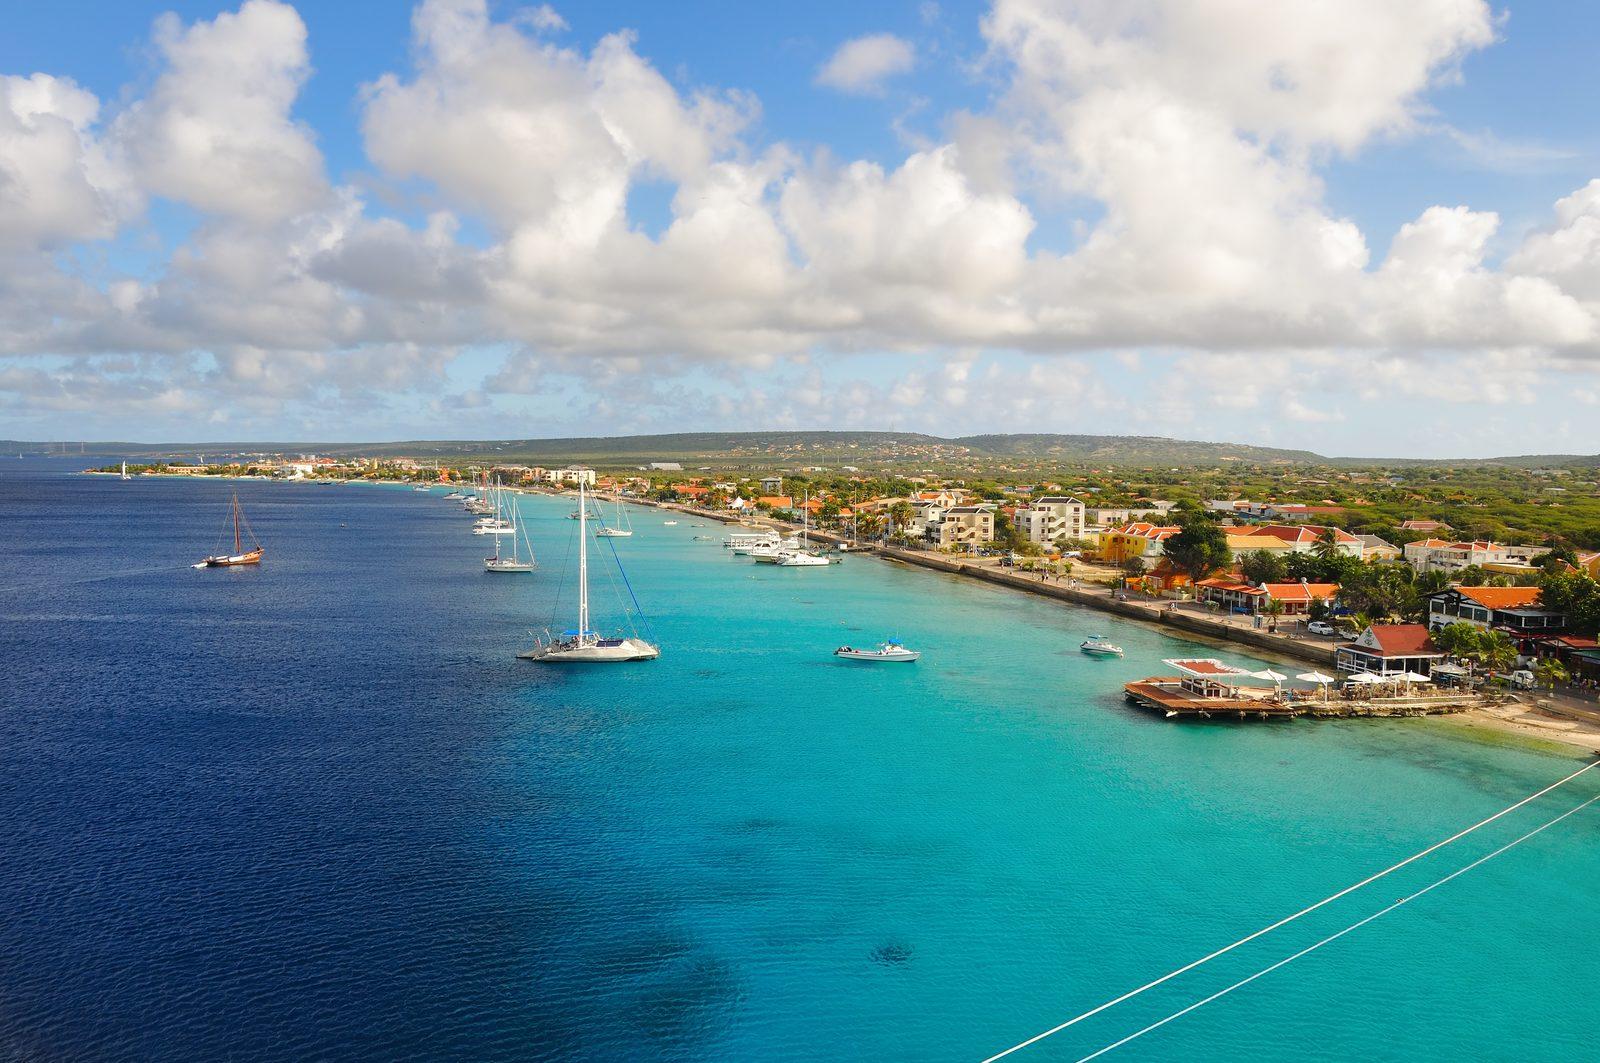 Het weer op Bonaire is prachtig. In de maand september is er meer bewolking dan normaal. Lees meer over het weer op Bonaire.